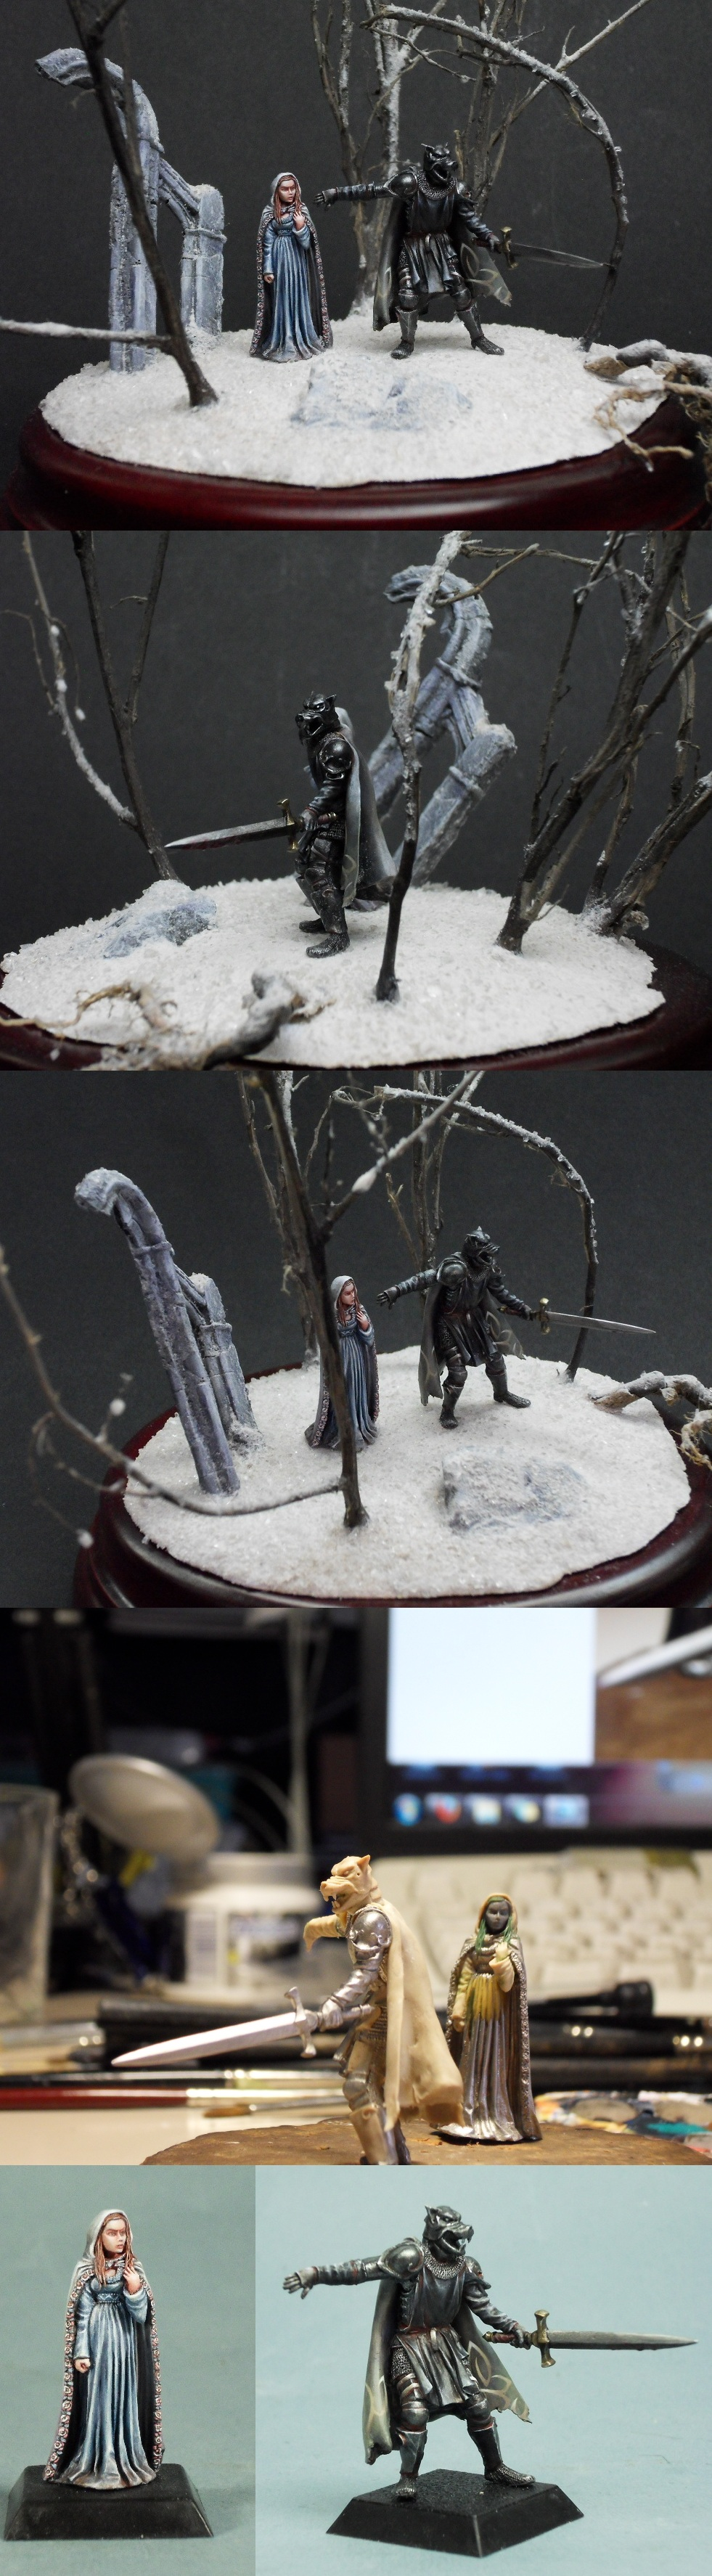 18 - Sansa et l'Homme-Chien